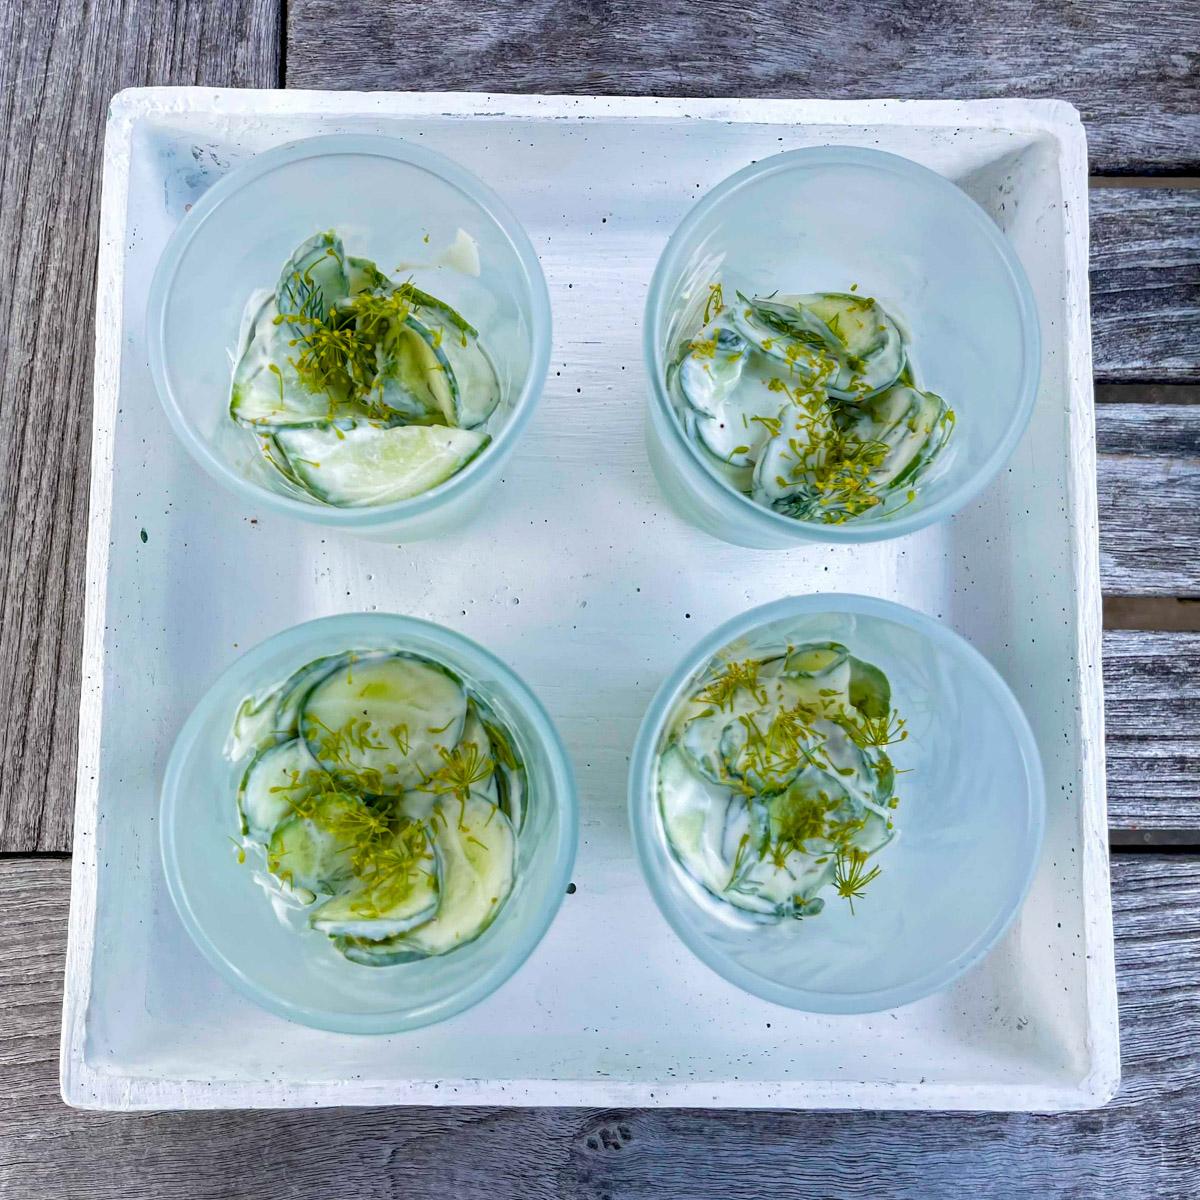 komkommersalade-silvia-6.jpg